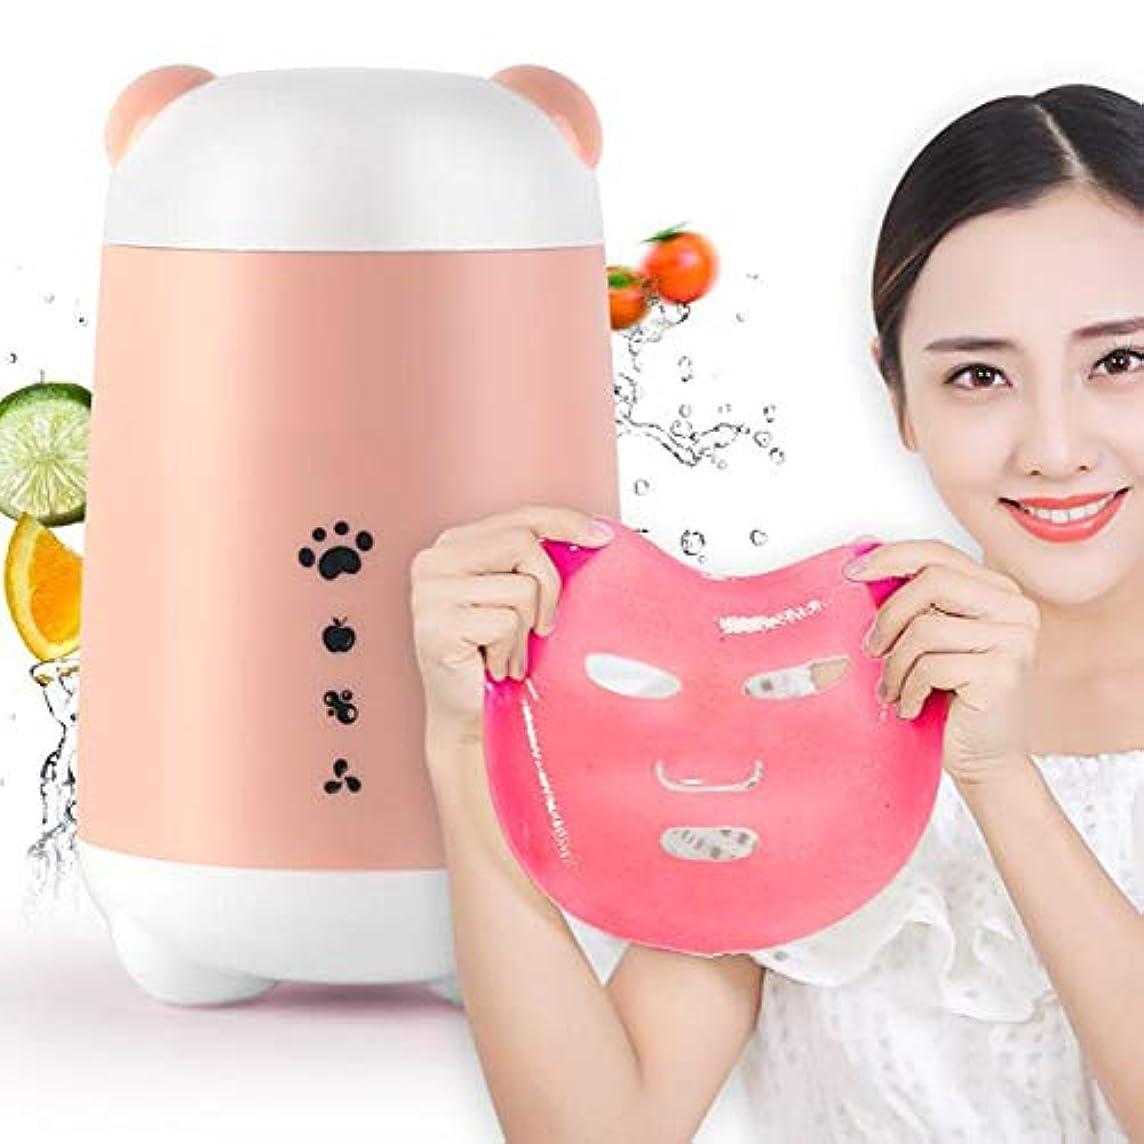 覗く解読する拮抗するフルーツと野菜のマスクを作るマシン、顔のスチーマー完全自動音声プロンプトDIY自家製の自然美容機器,Pink